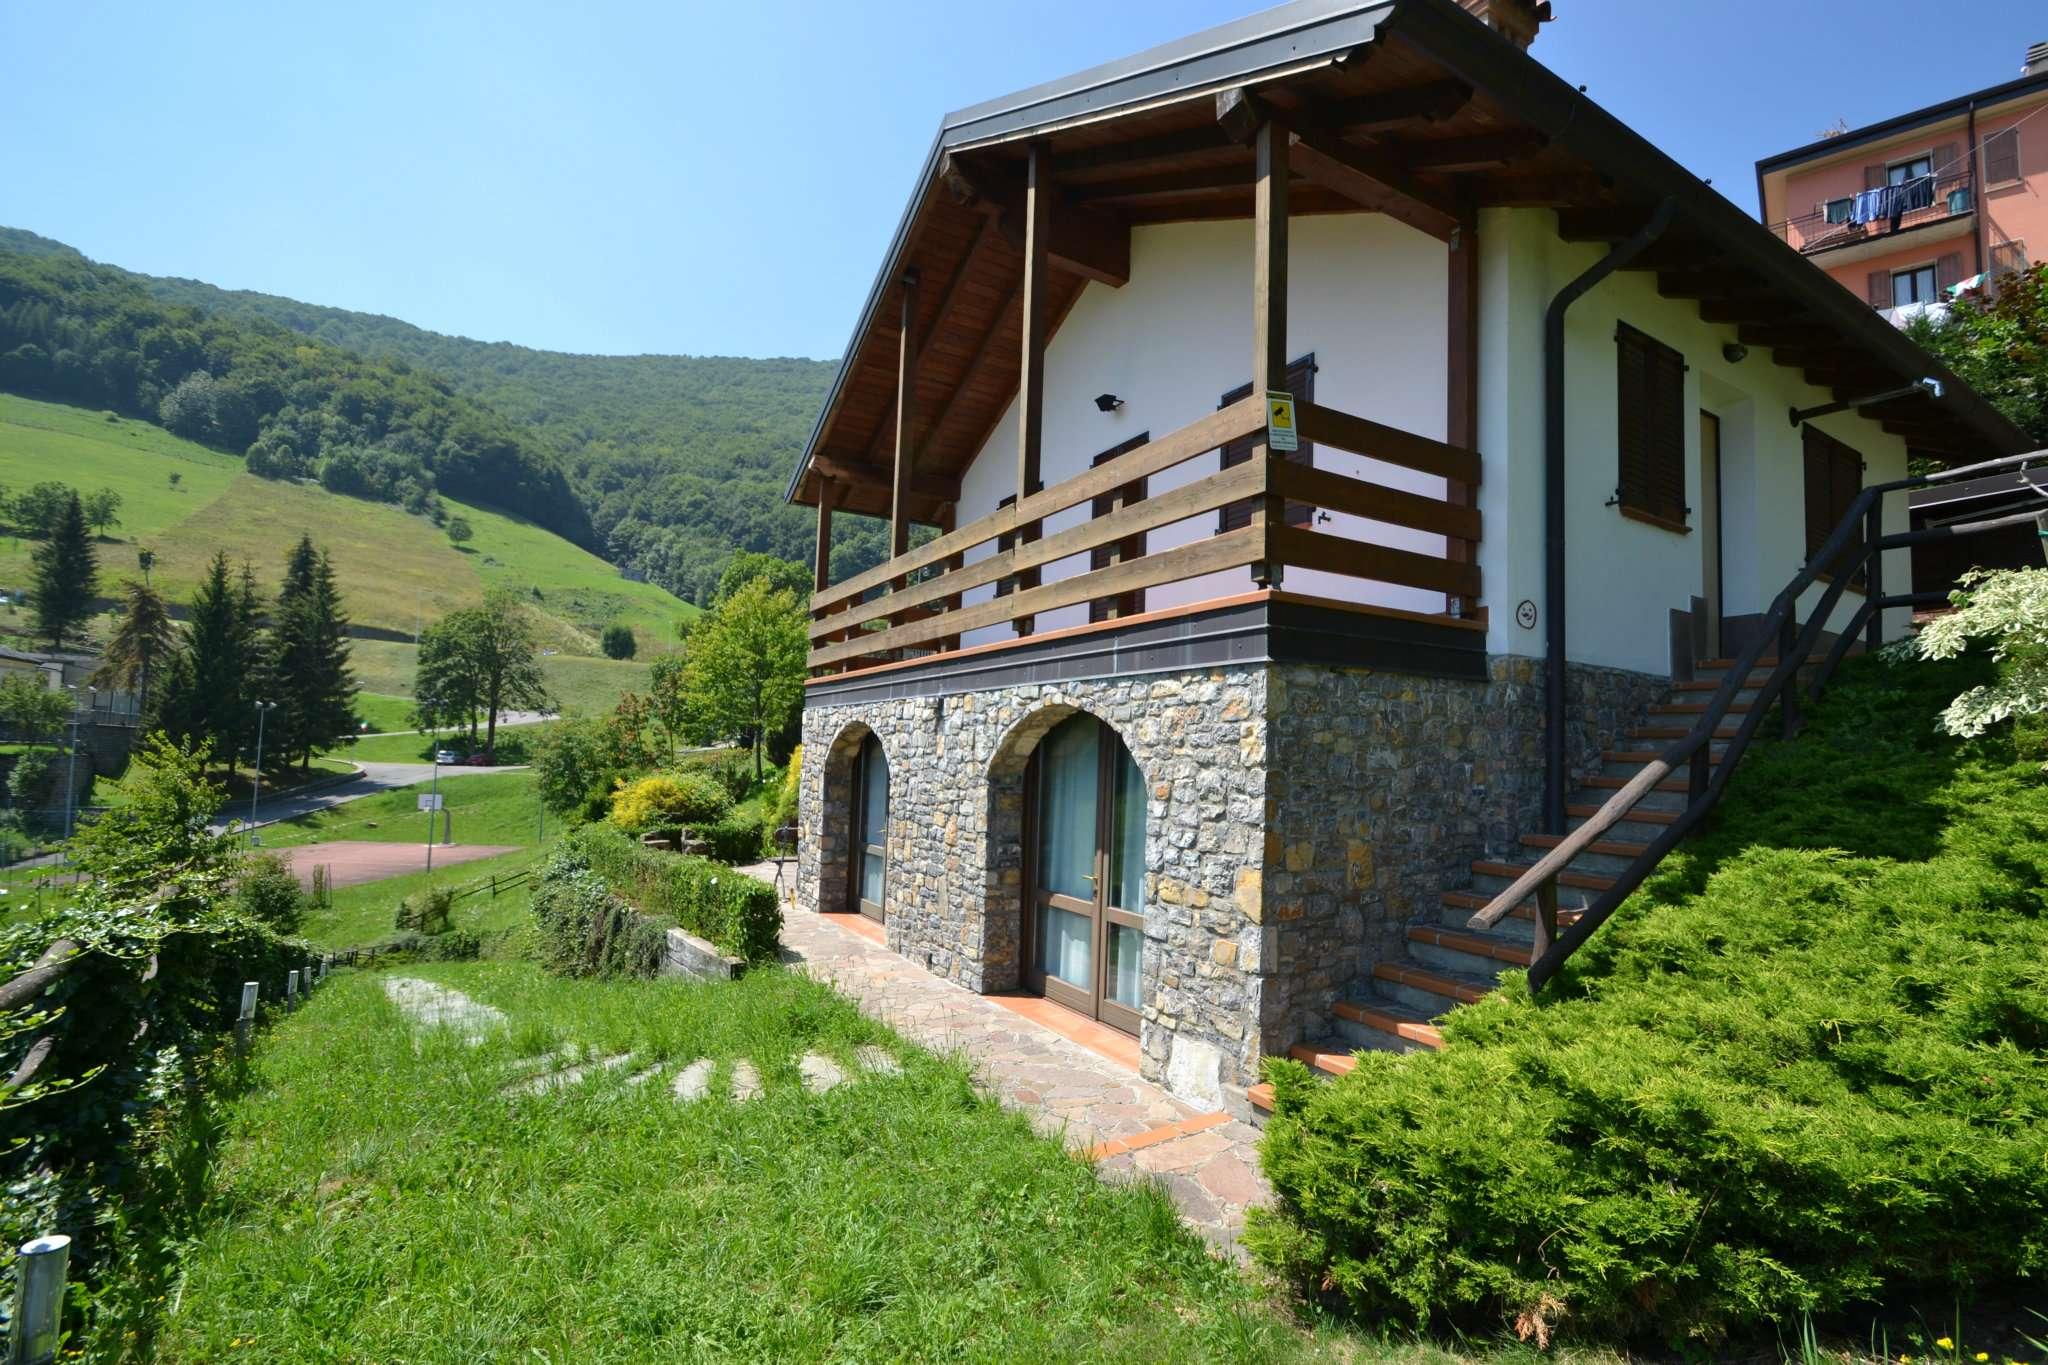 Villa in vendita a Costa Valle Imagna, 4 locali, prezzo € 149.000 | CambioCasa.it